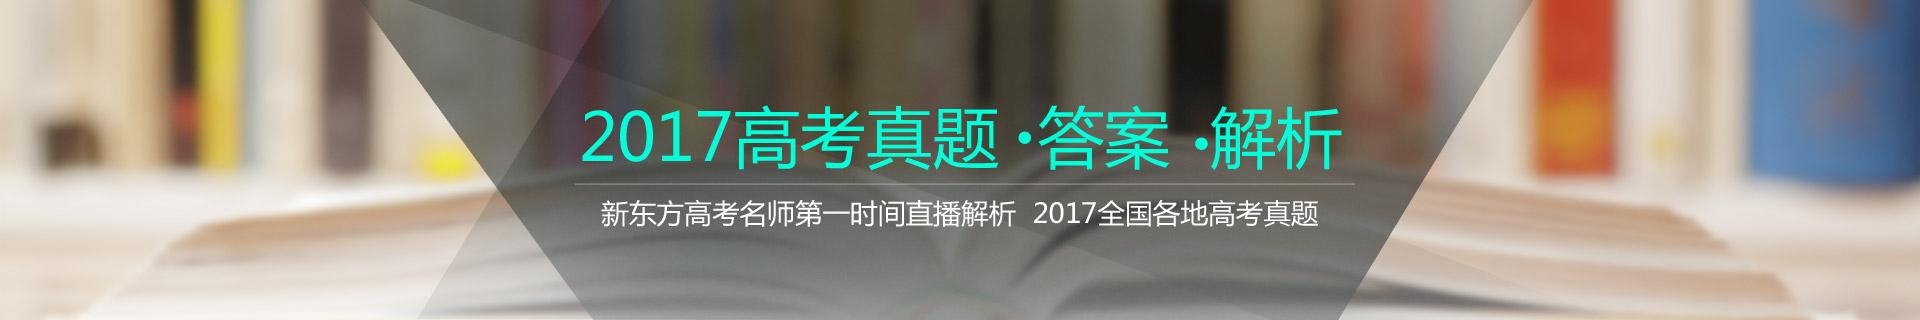 2017高考试题及答案解析